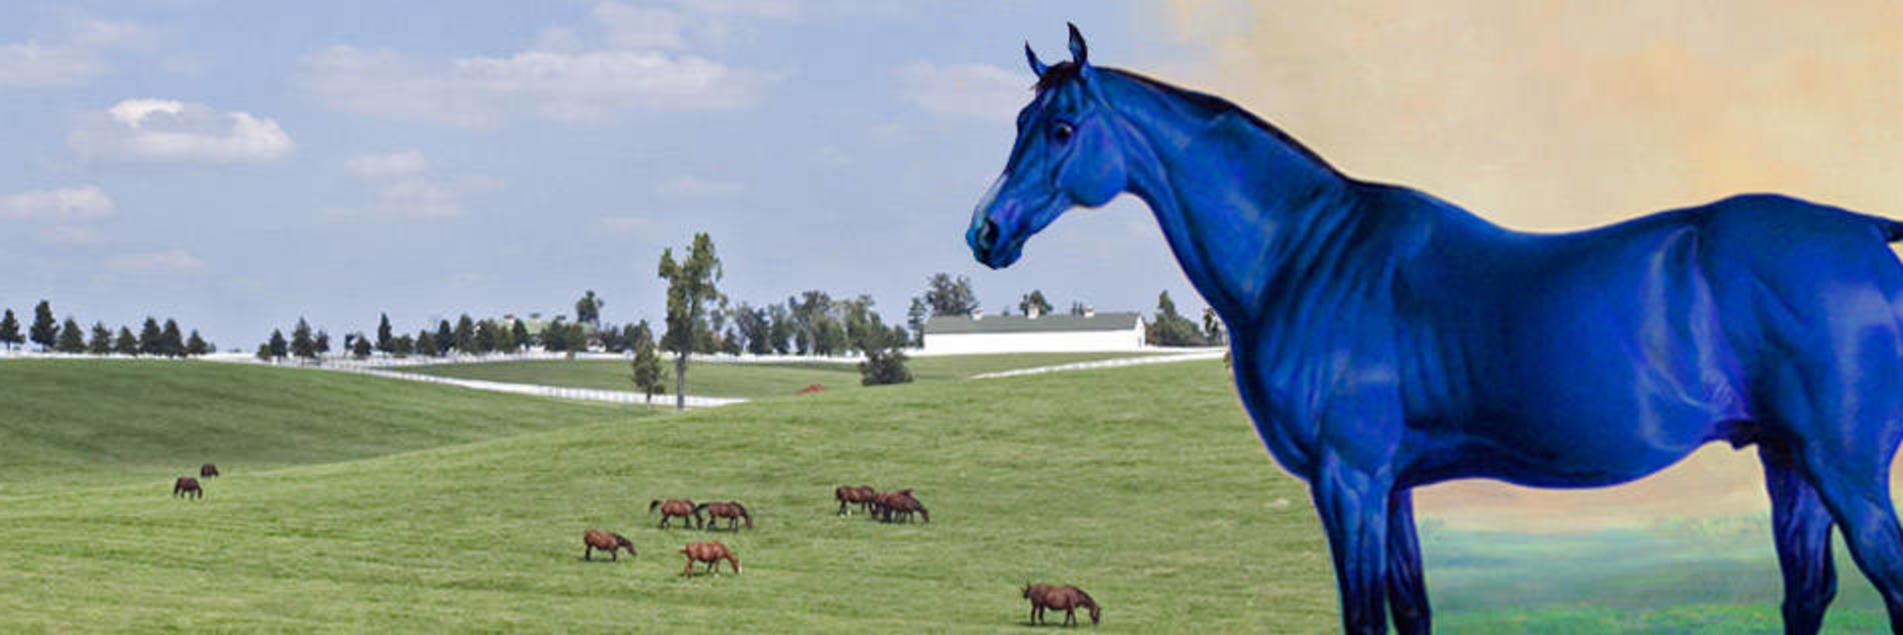 Big Lex The Famous Blue Horse Of Lexington